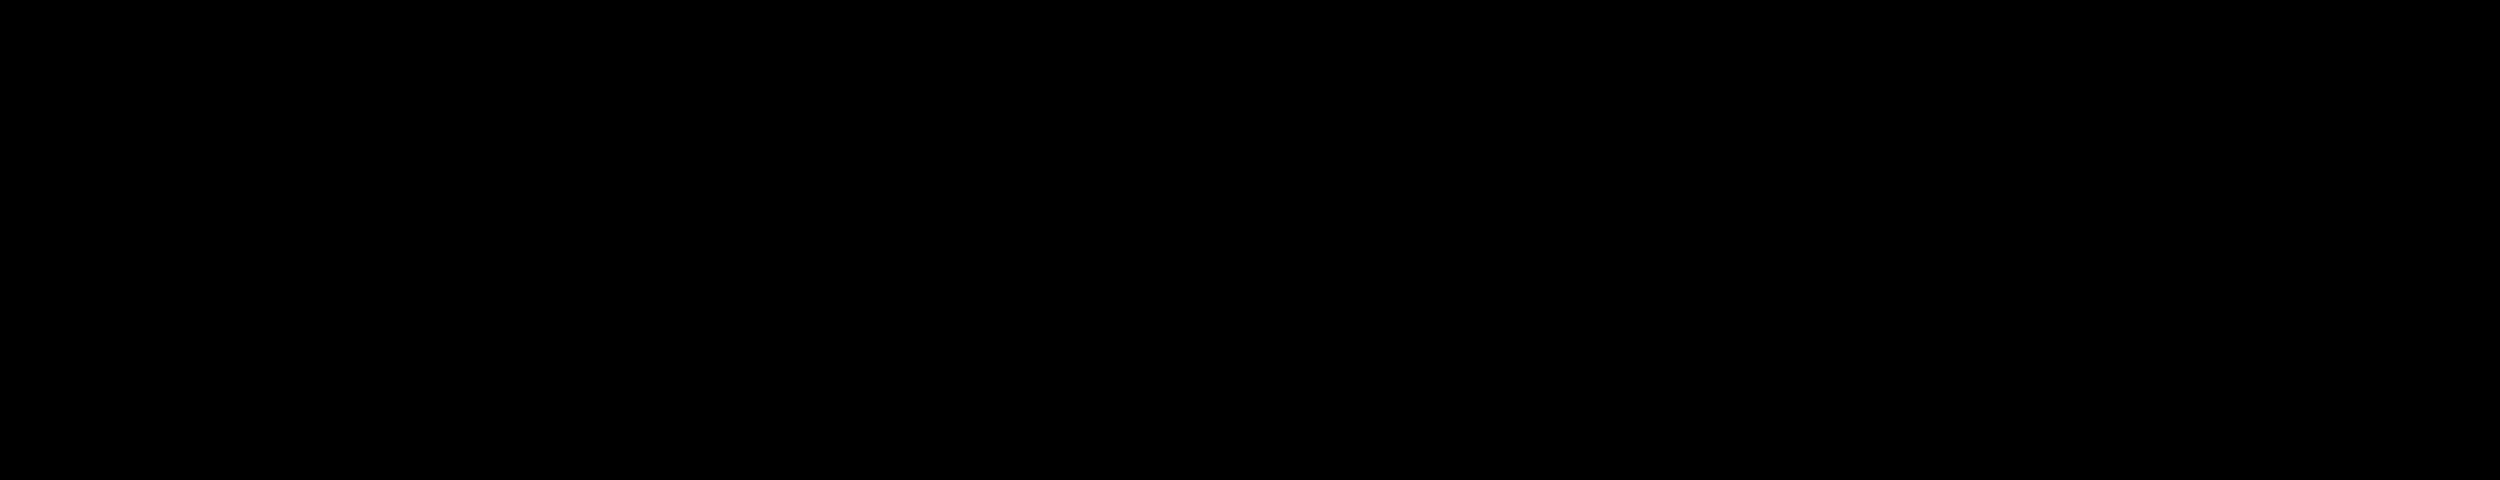 JetSmarter logo-1.png